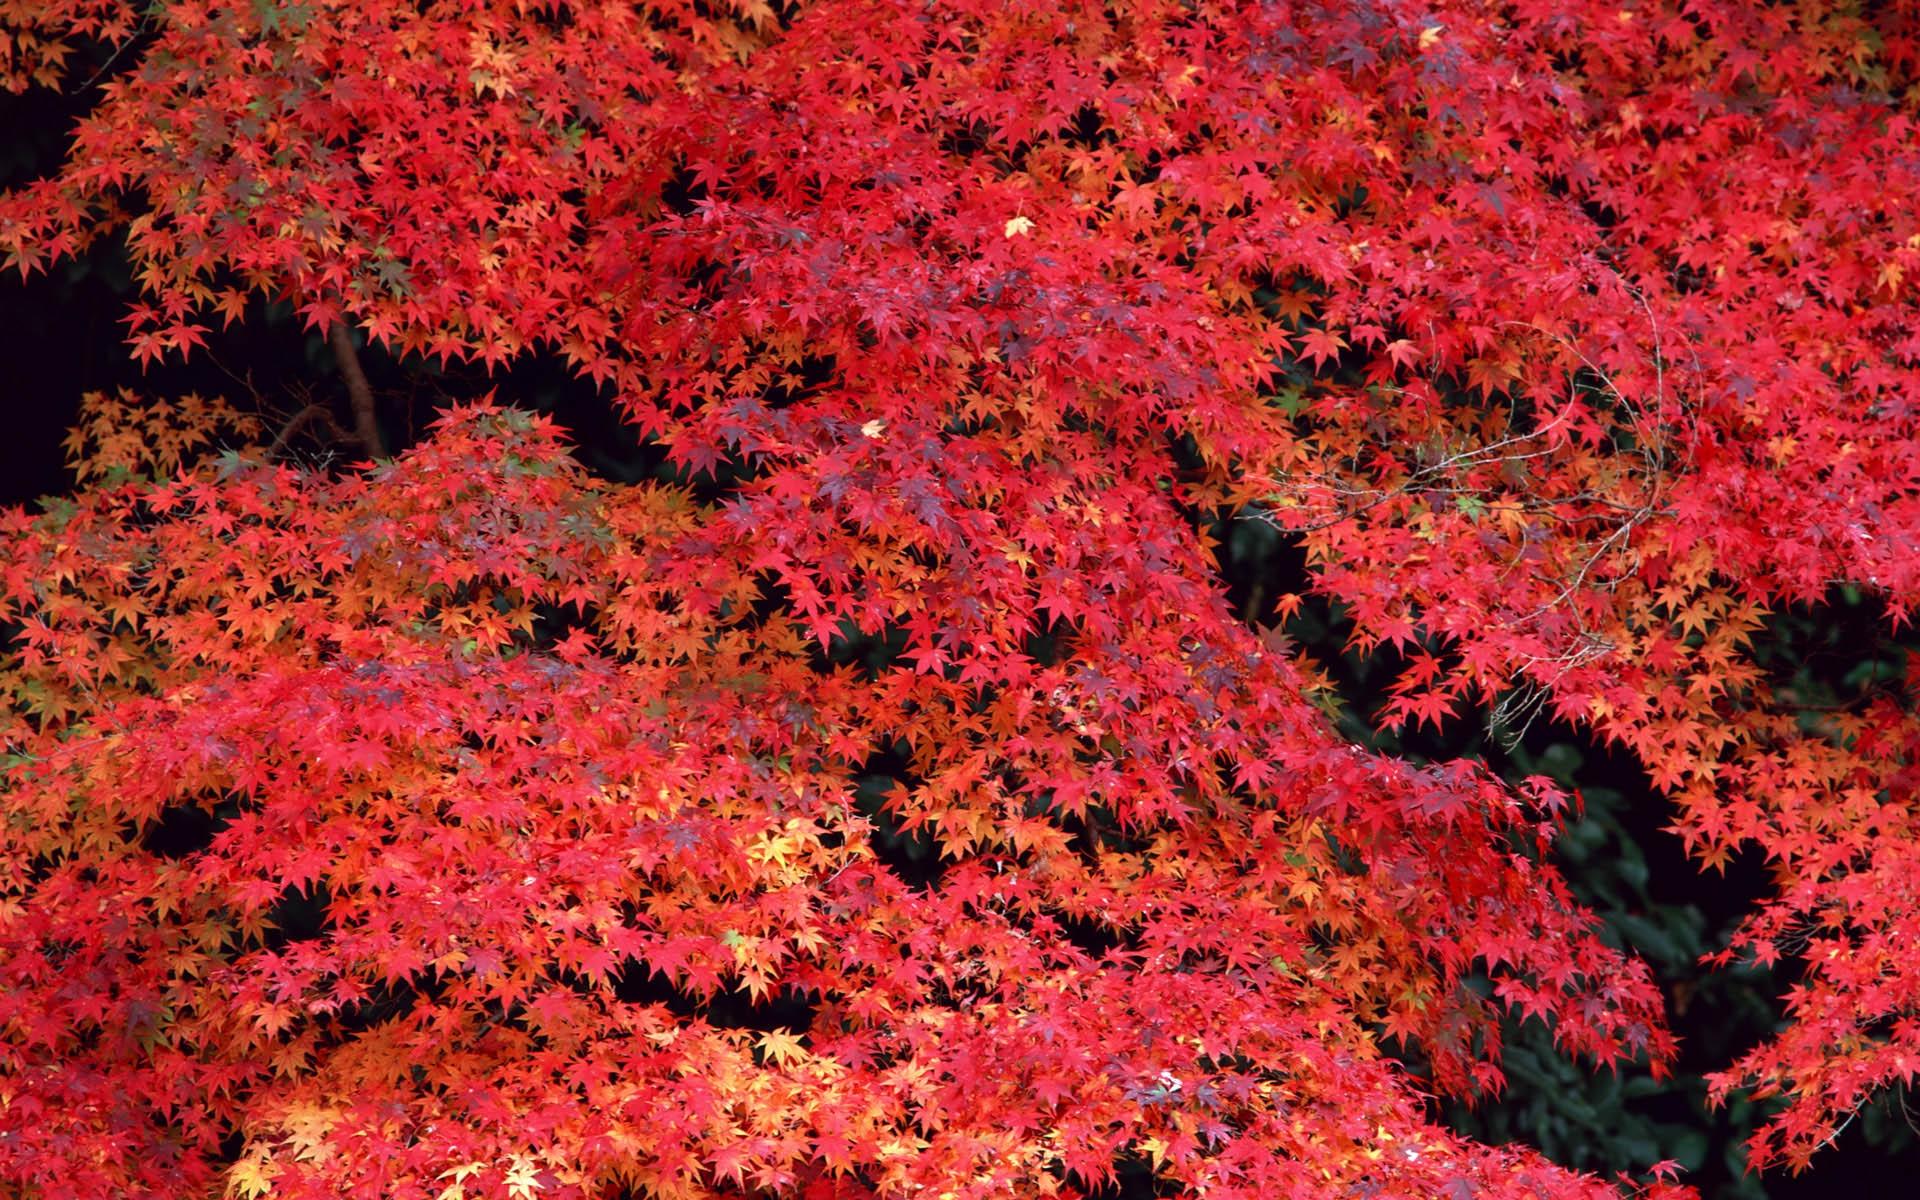 fond d'écran : des arbres, feuilles, rouge, arbre, l'automne